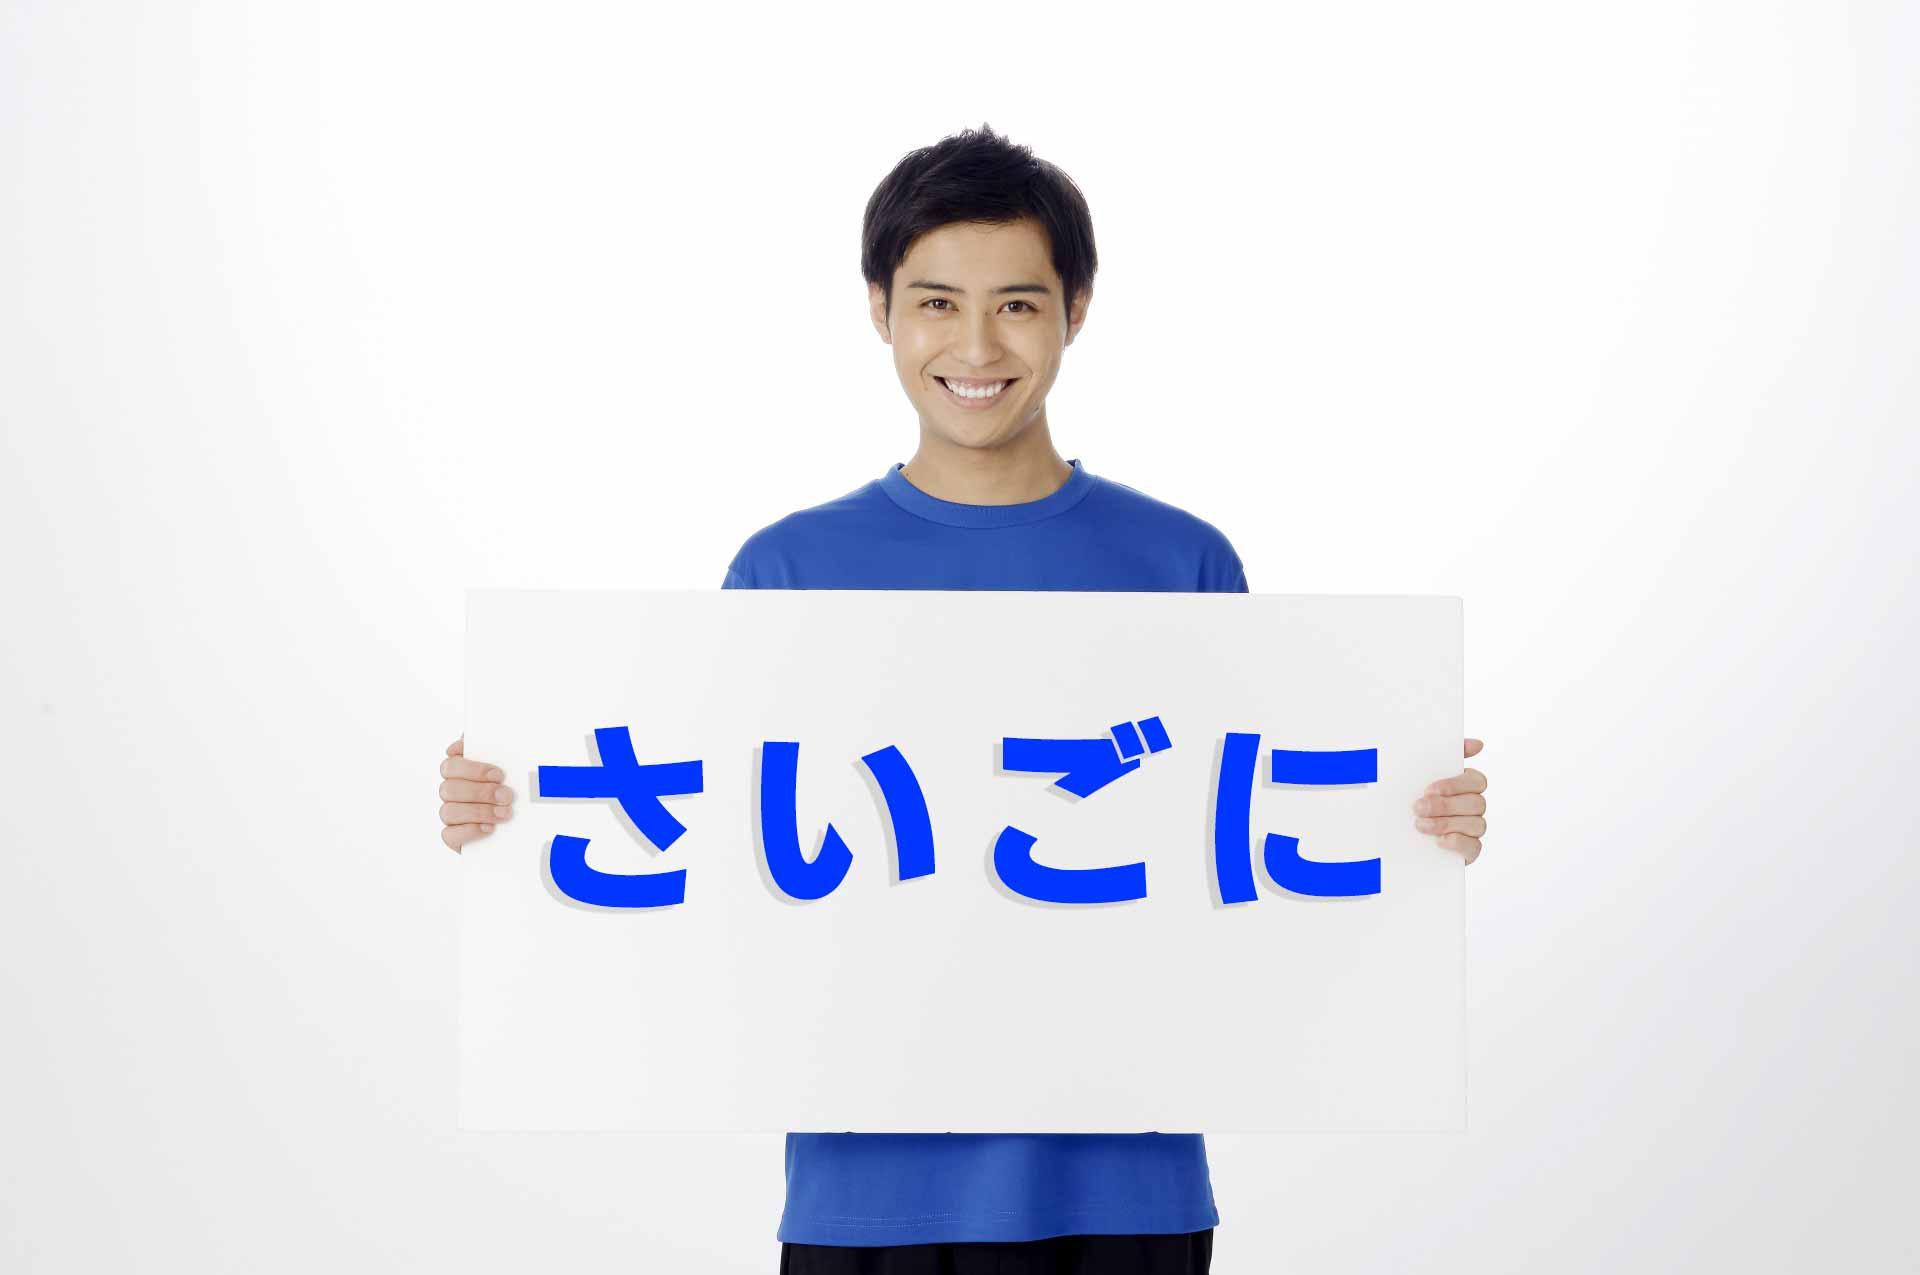 「さいごに」と書かれたプラカードを胸の前に持ち、笑顔で立っている男性